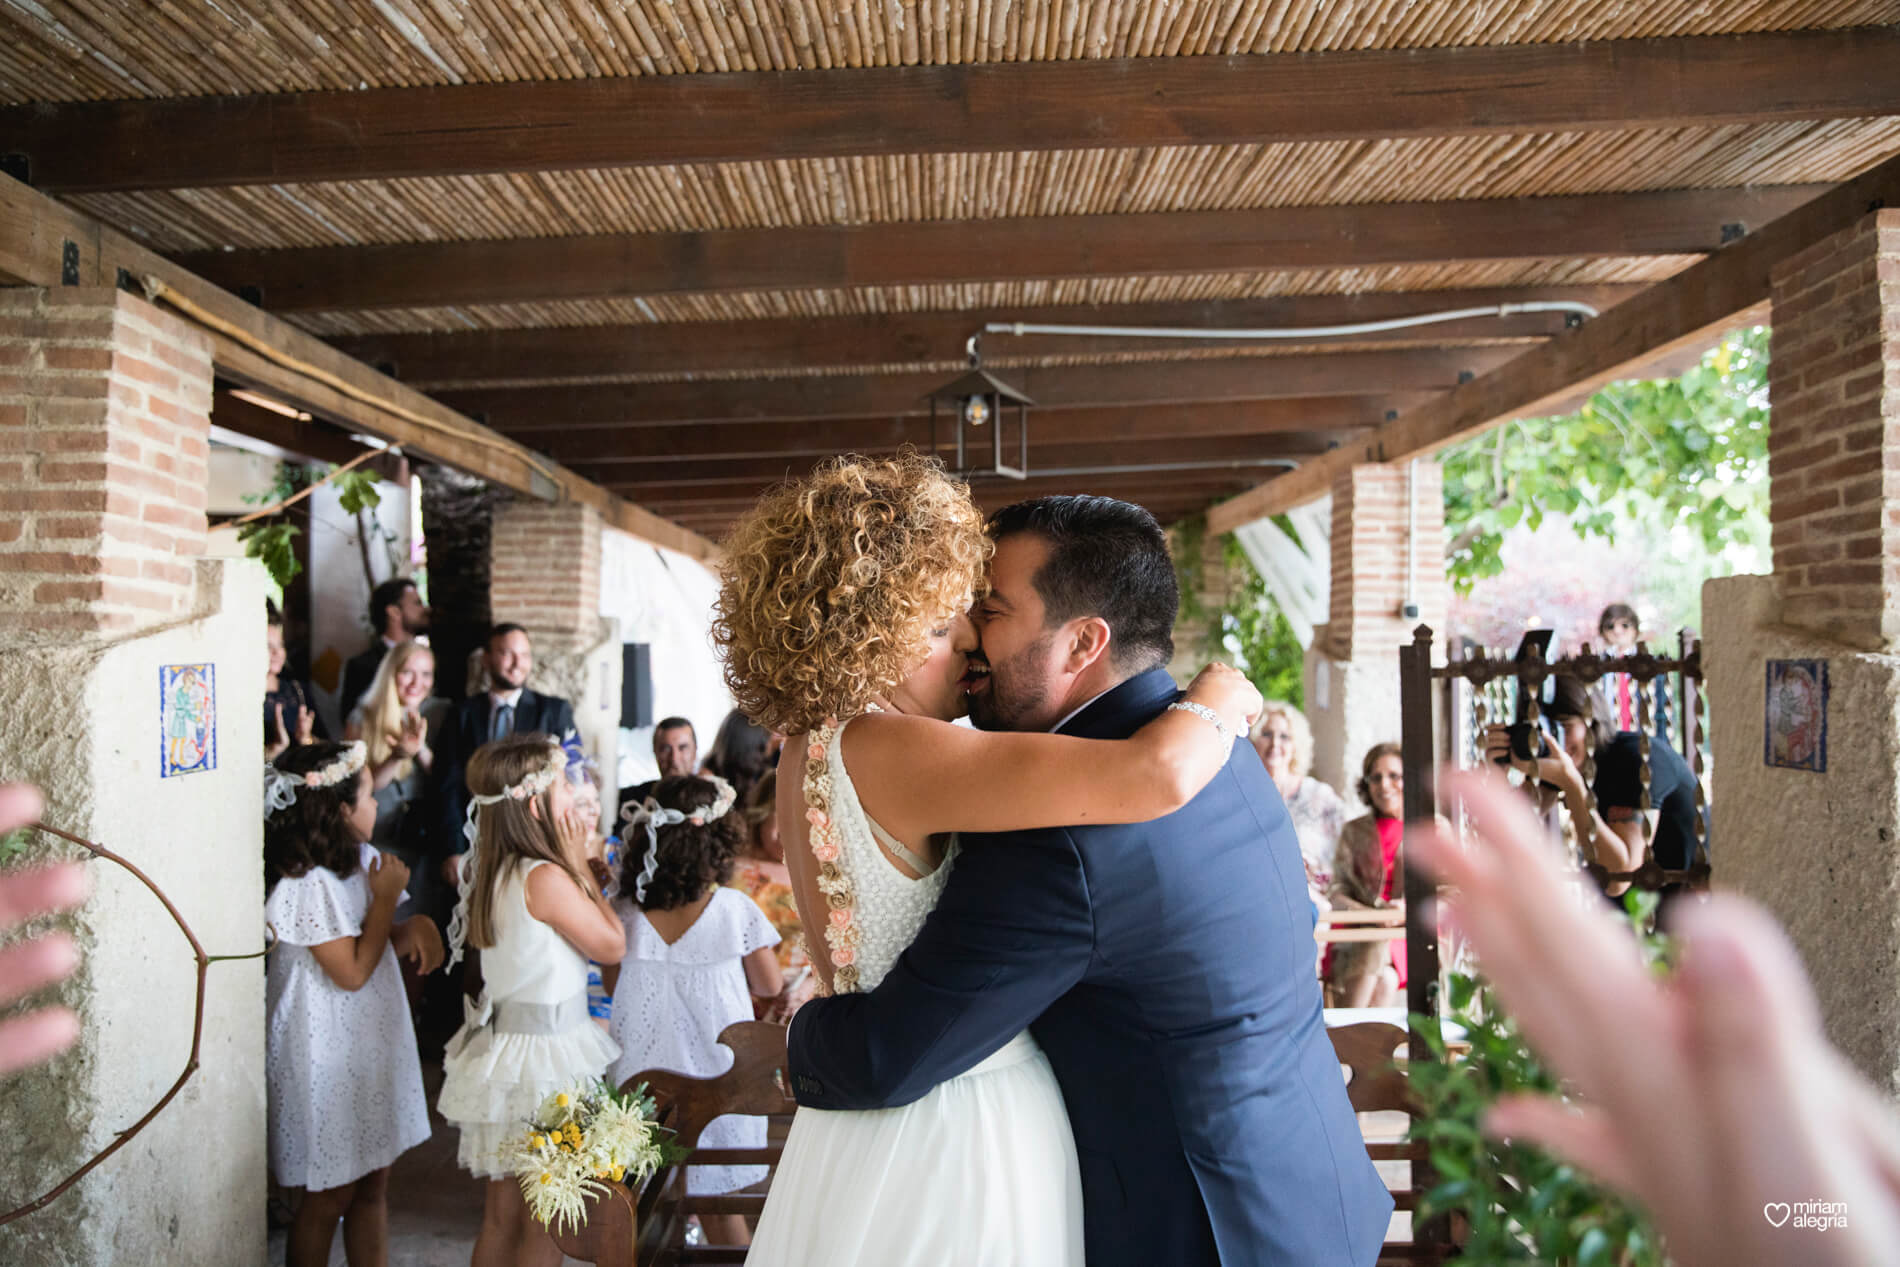 boda-en-finca-la-carrasca-miriam-alegria-88